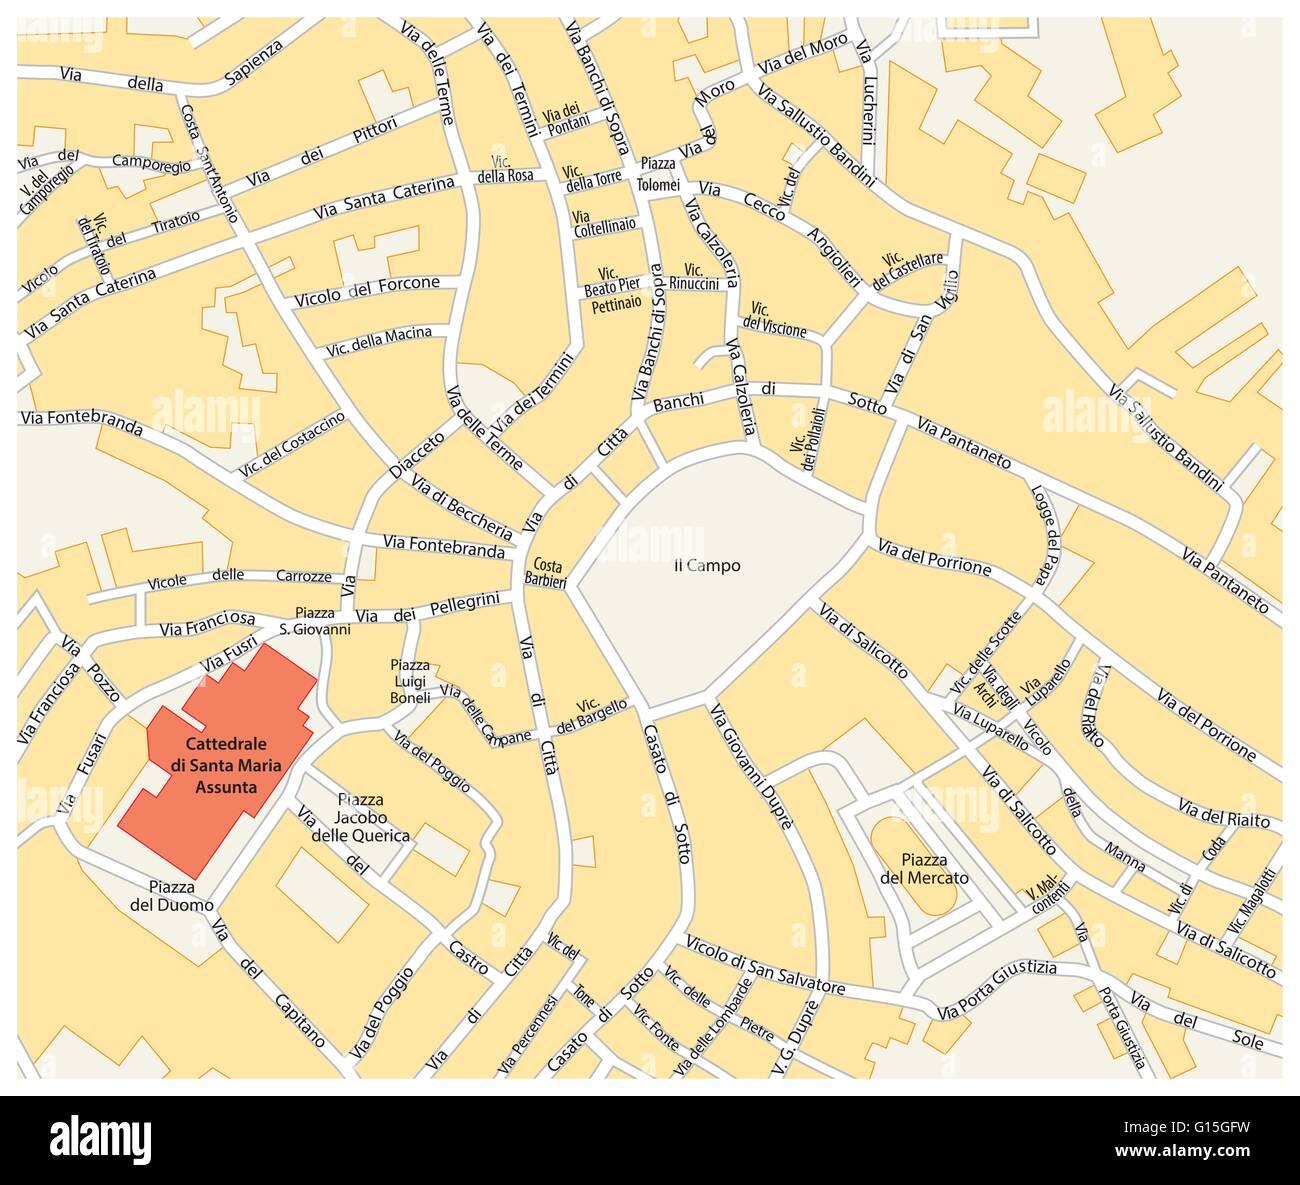 siena italien karte Karte des historischen Zentrums der toskanischen Stadt Siena  siena italien karte